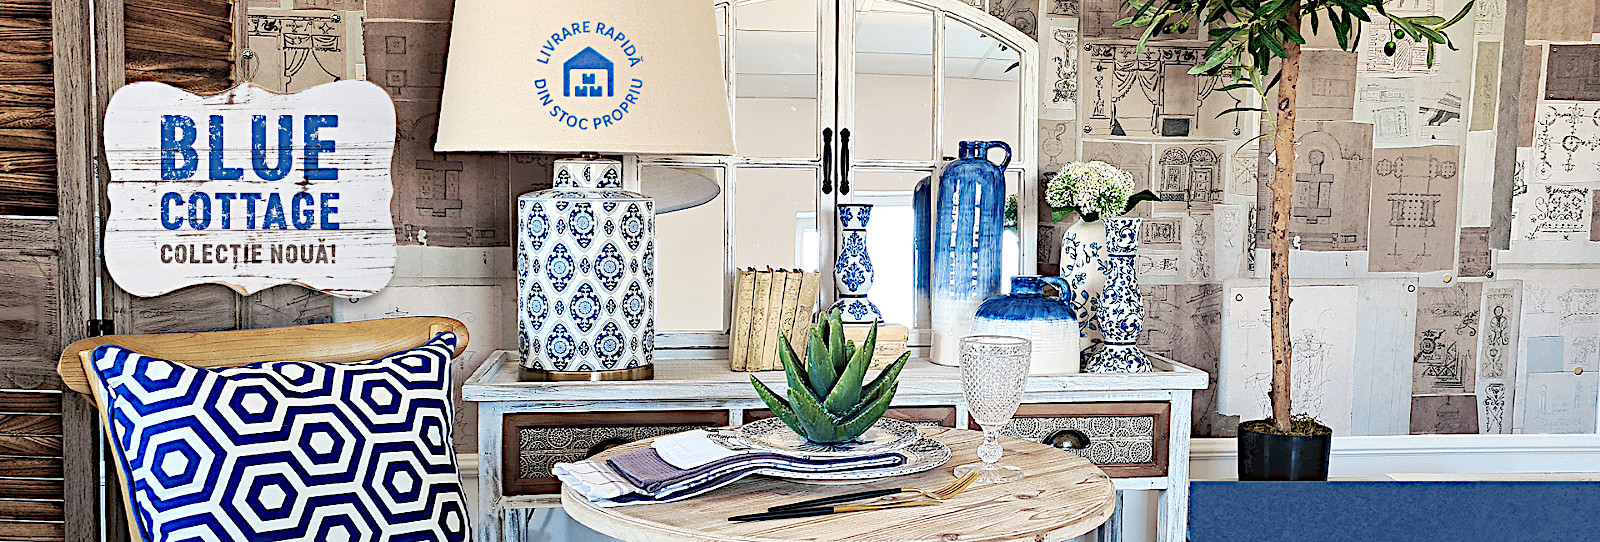 Colectia Blue cottage convenabil